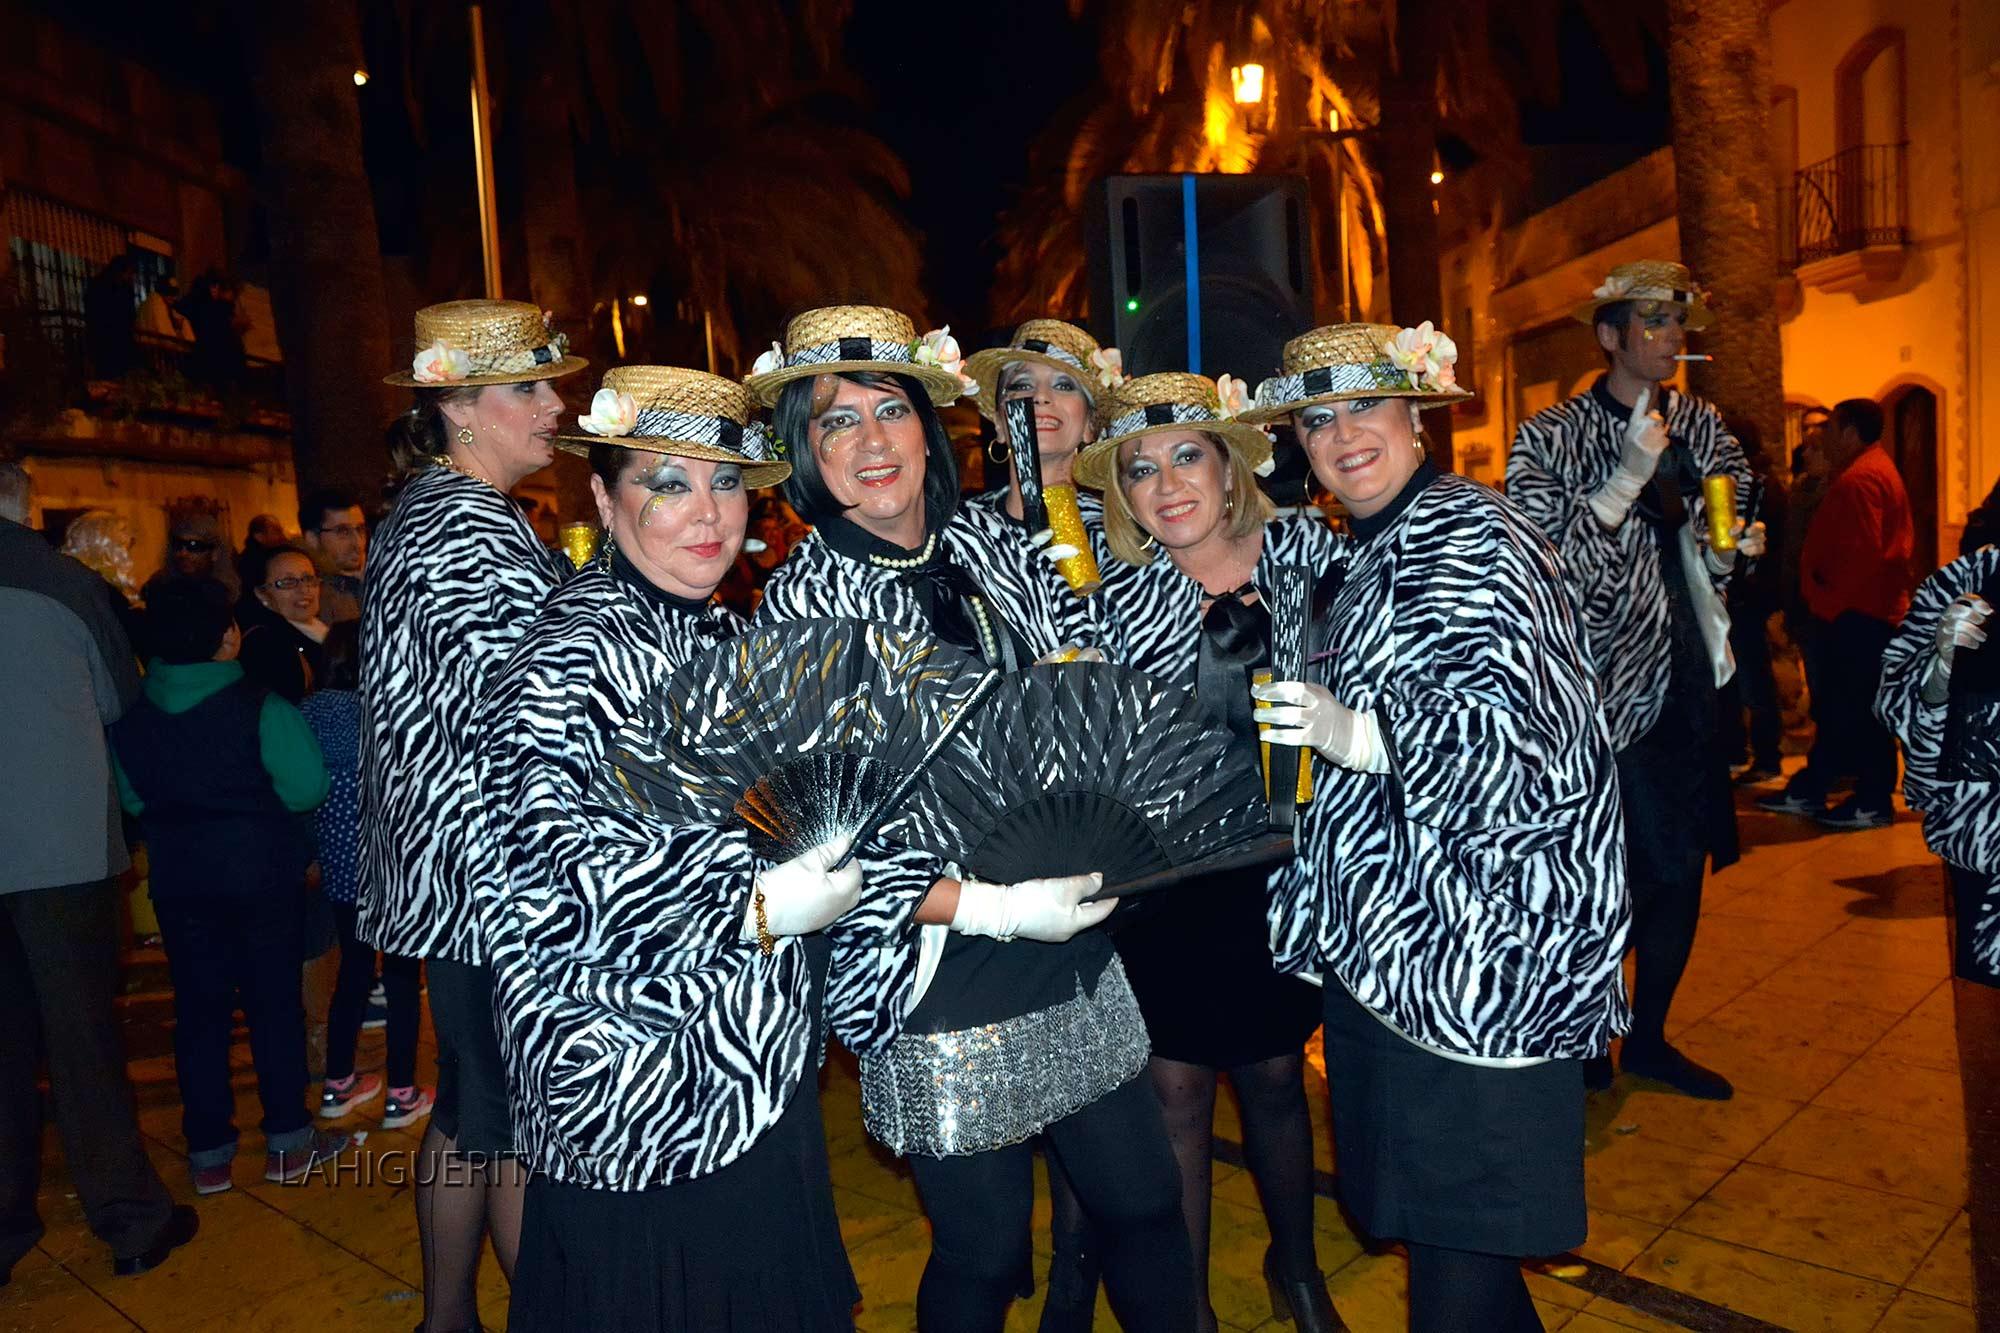 Entierro de la sardina carnaval isla cristina _DSC2240